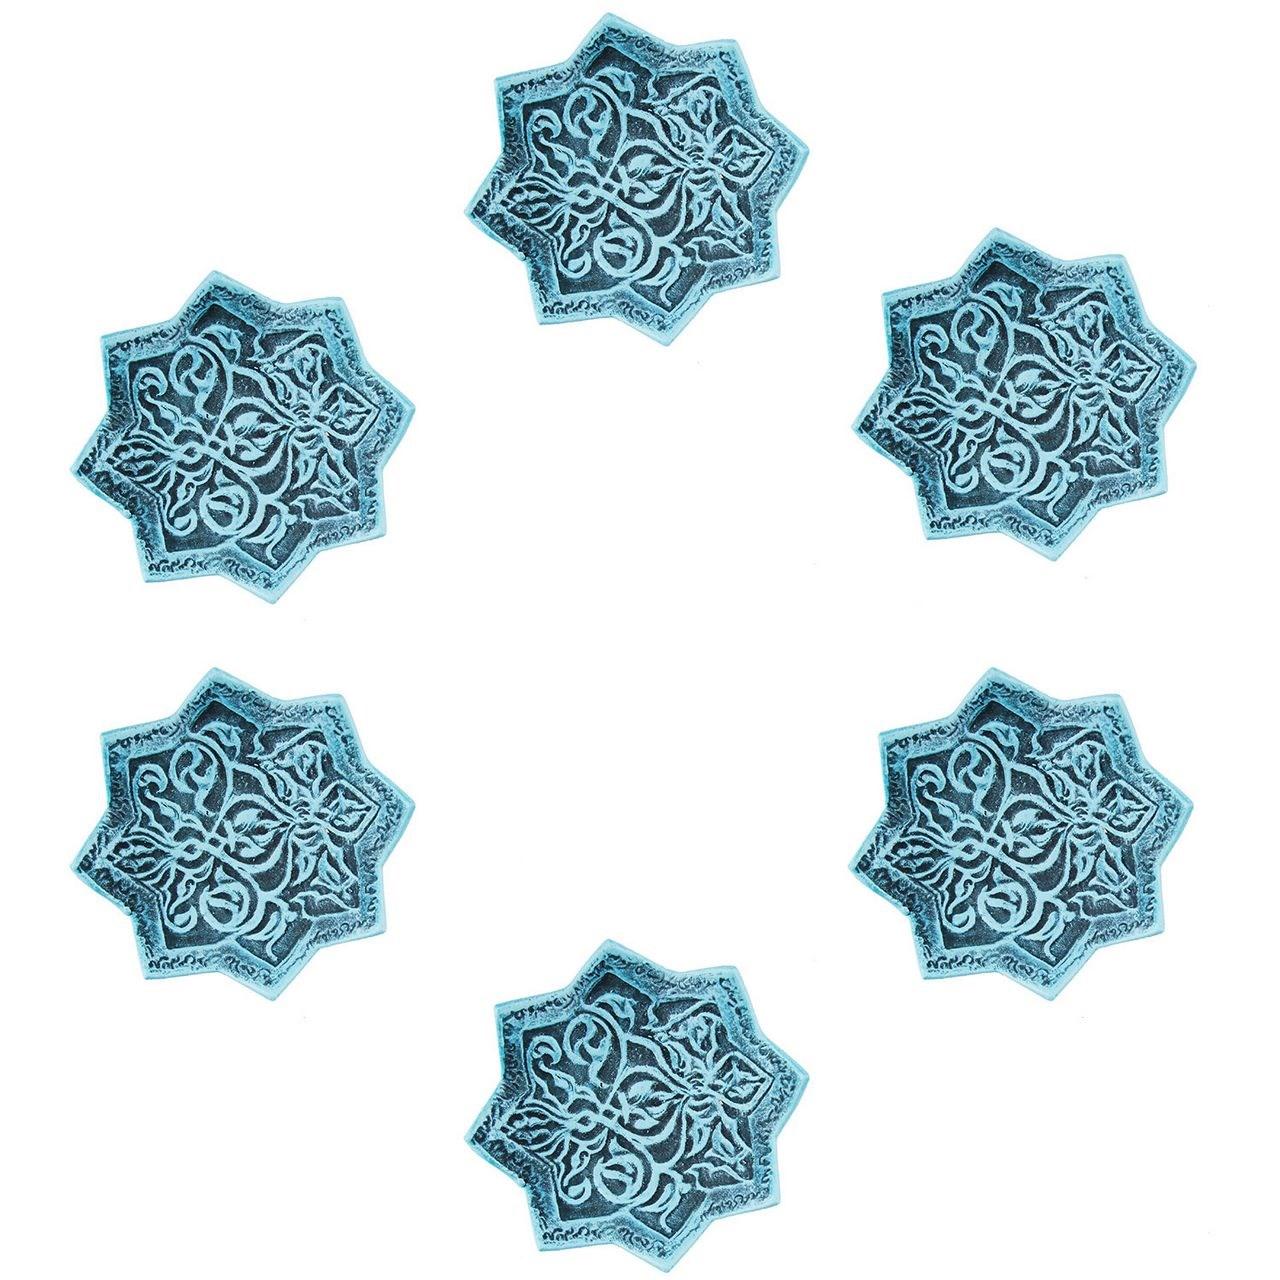 عکس مجموعه شش عددی ظروف سفالی گالری آسوریک کد 89094